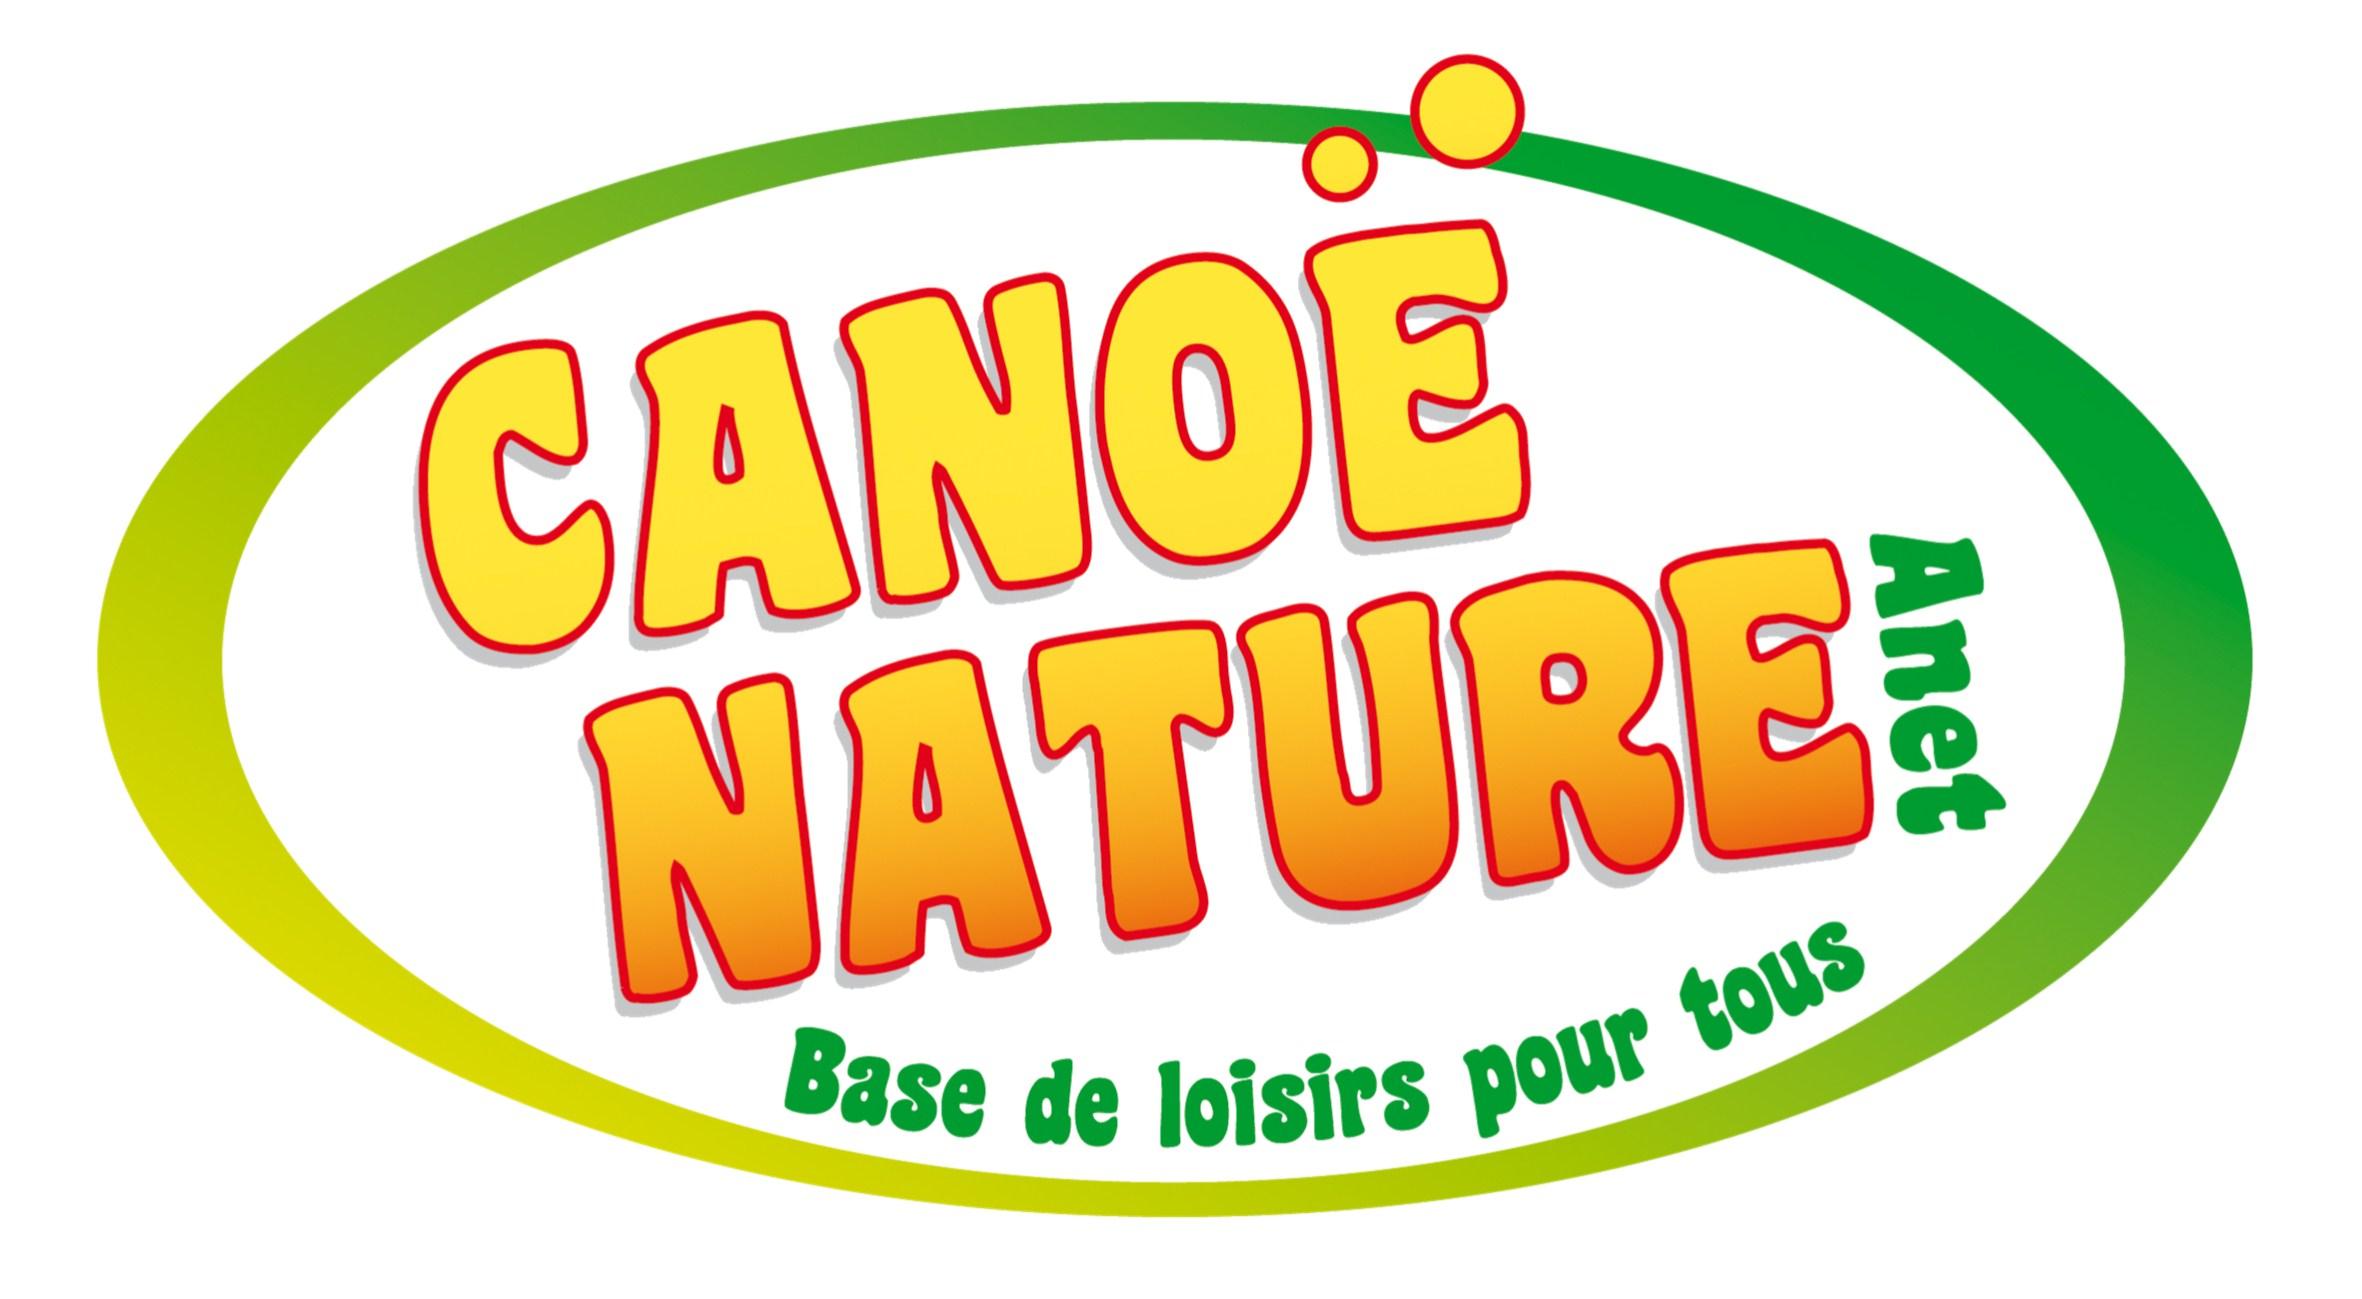 Canoë nature Anet, des loisirs pour tous